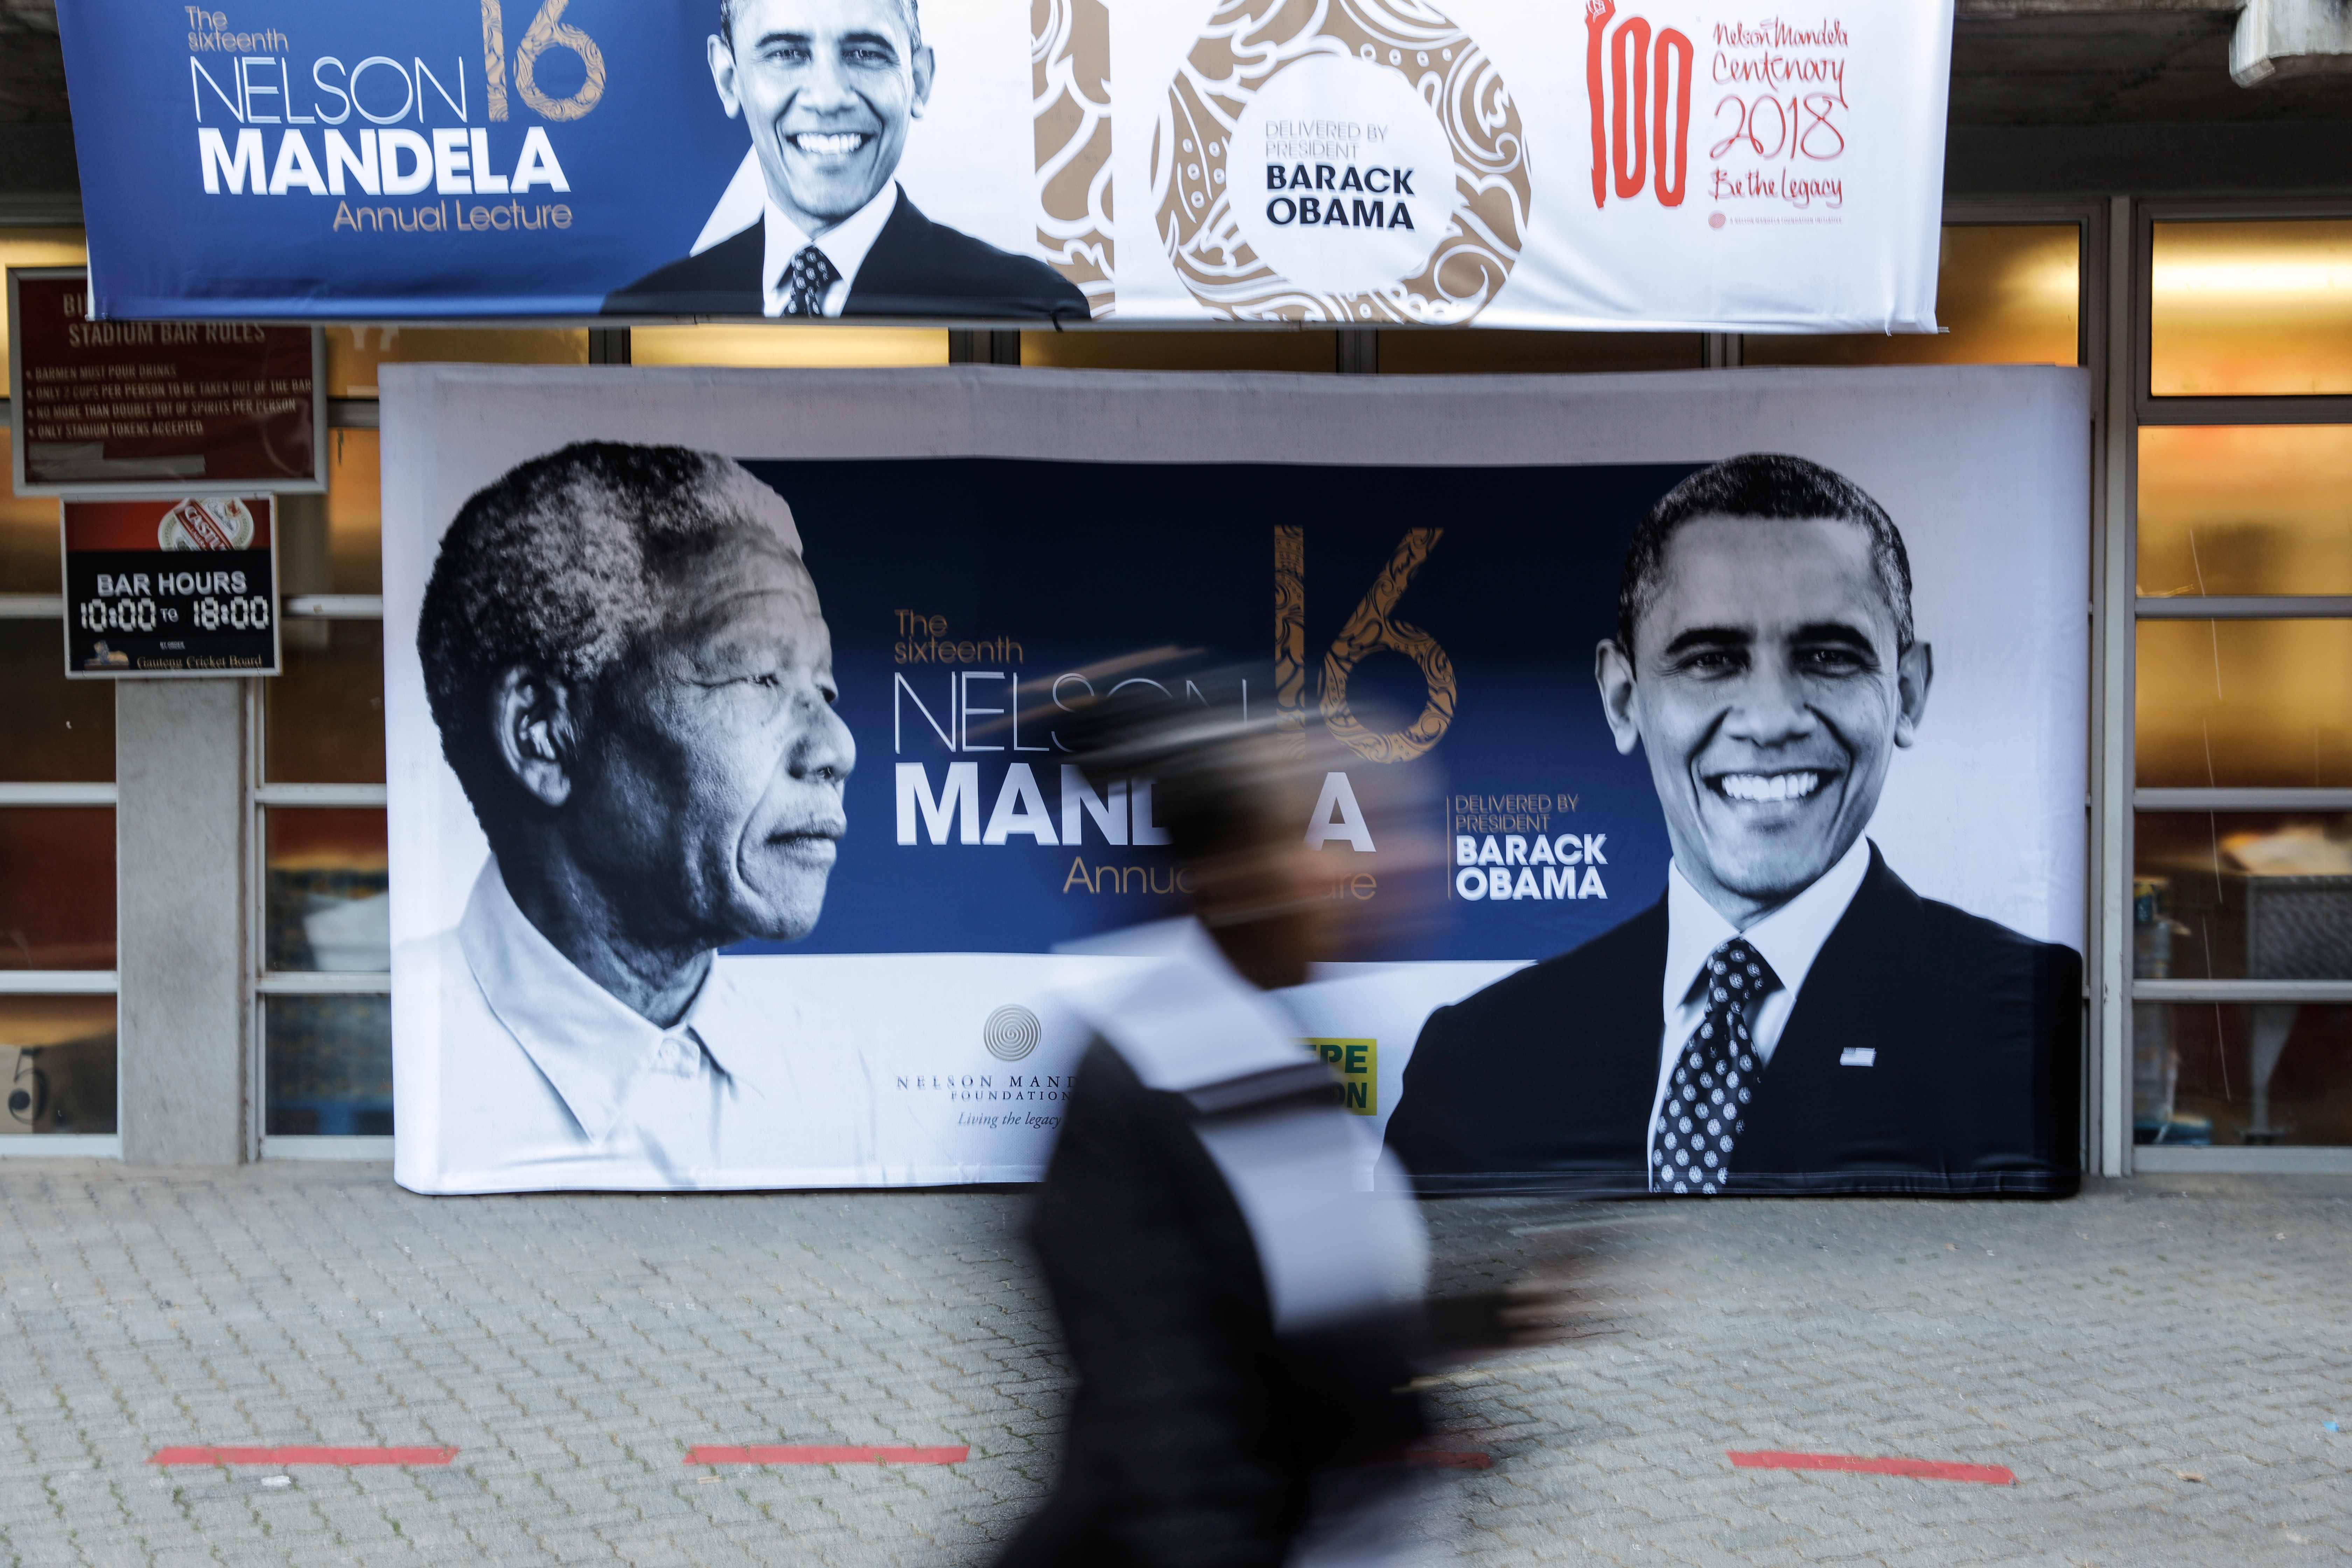 أوباما ونيلسون مانديلا